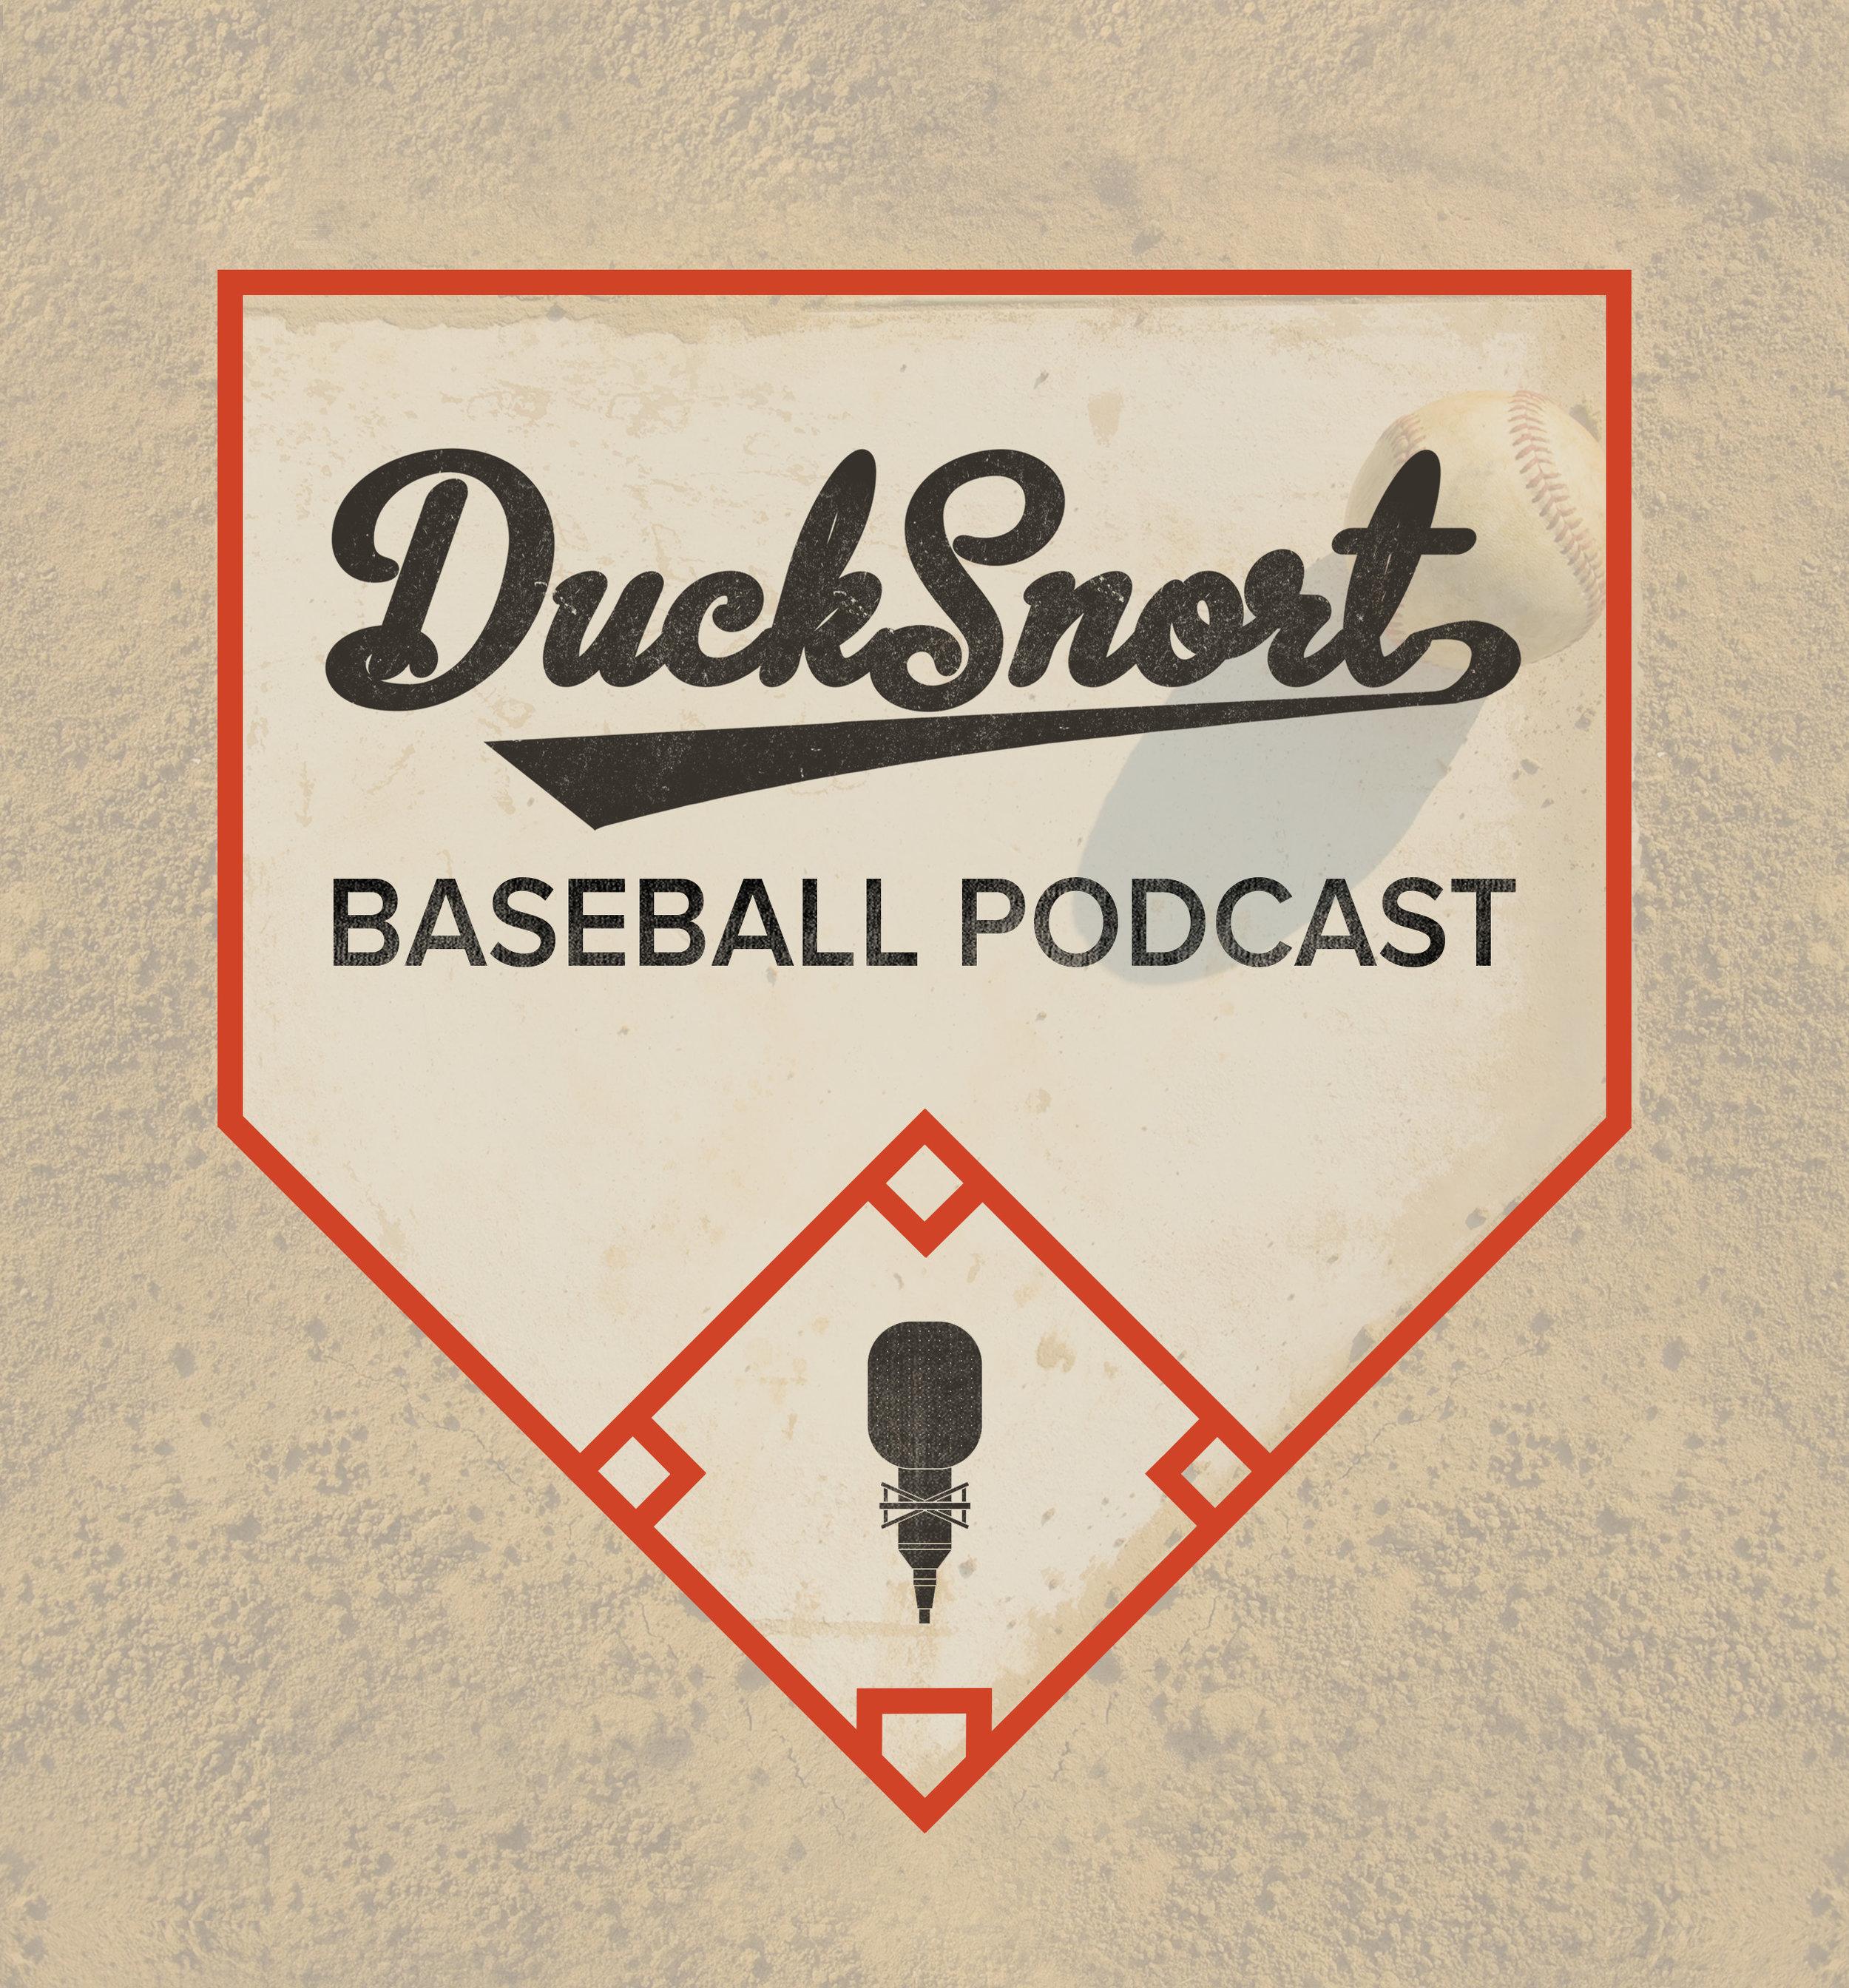 ducksnort-twitter-logo.jpg